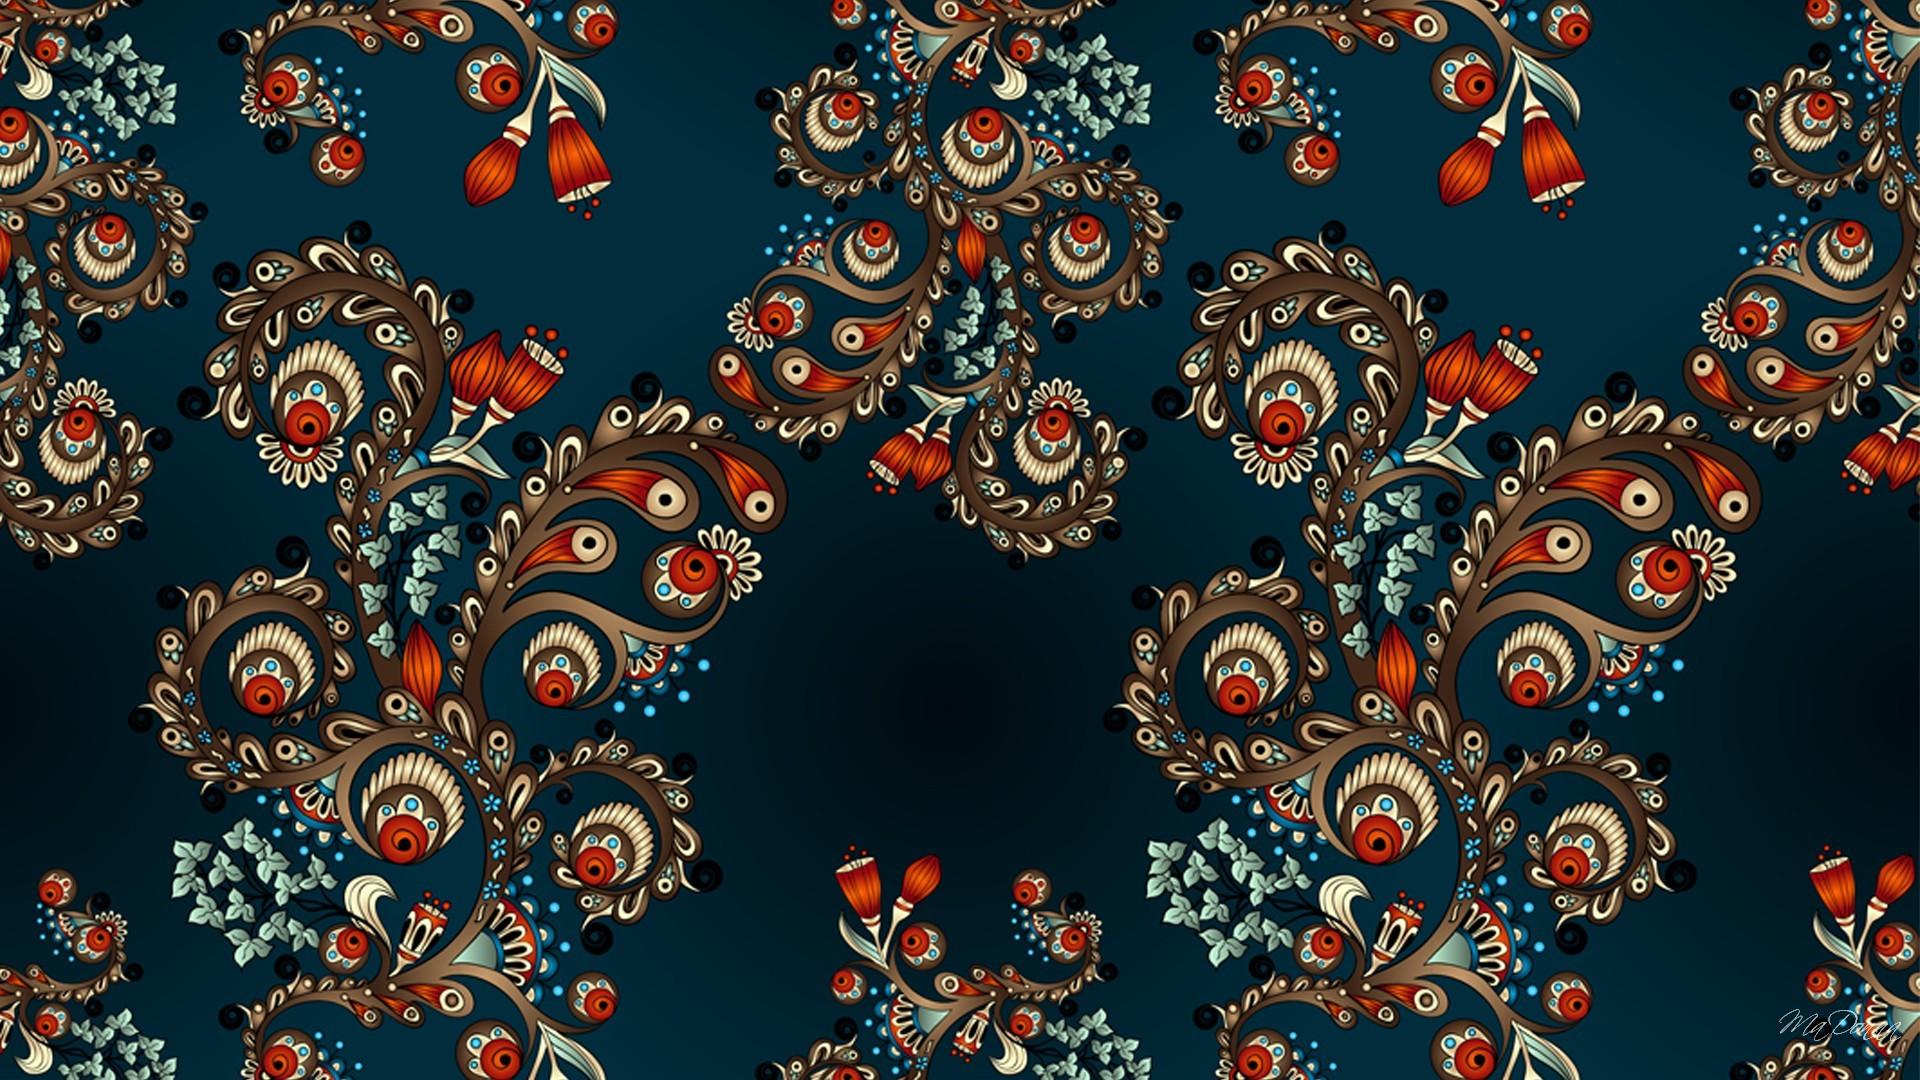 Hamsa Iphone Wallpaper Mandala Wallpaper Desktop 61 Images